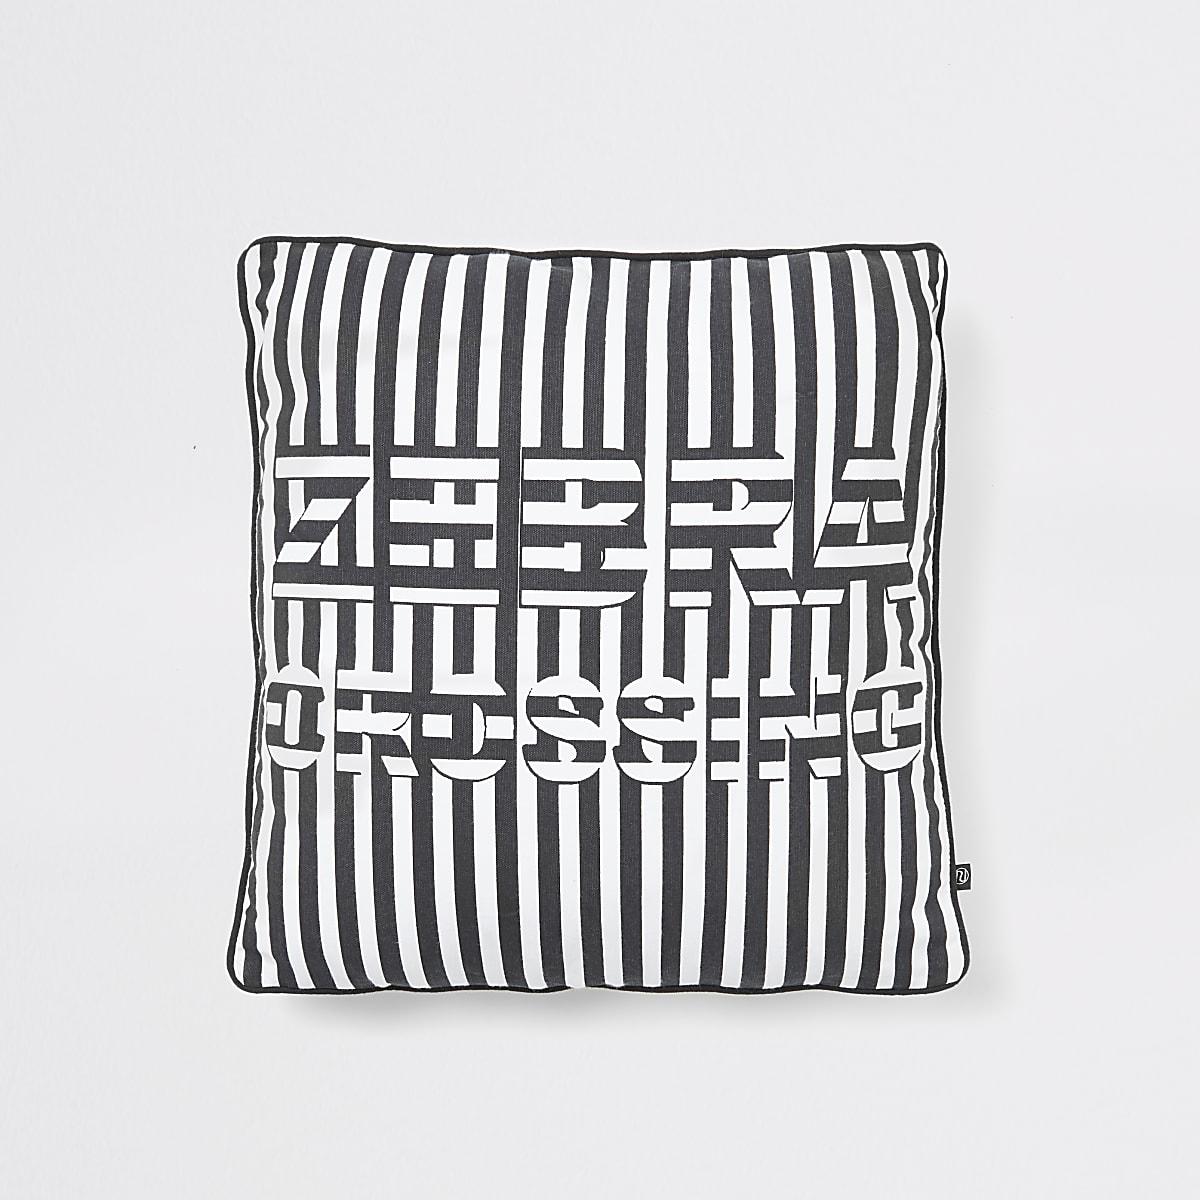 Zwart kussen met 'Zebra Crossing'-slogan